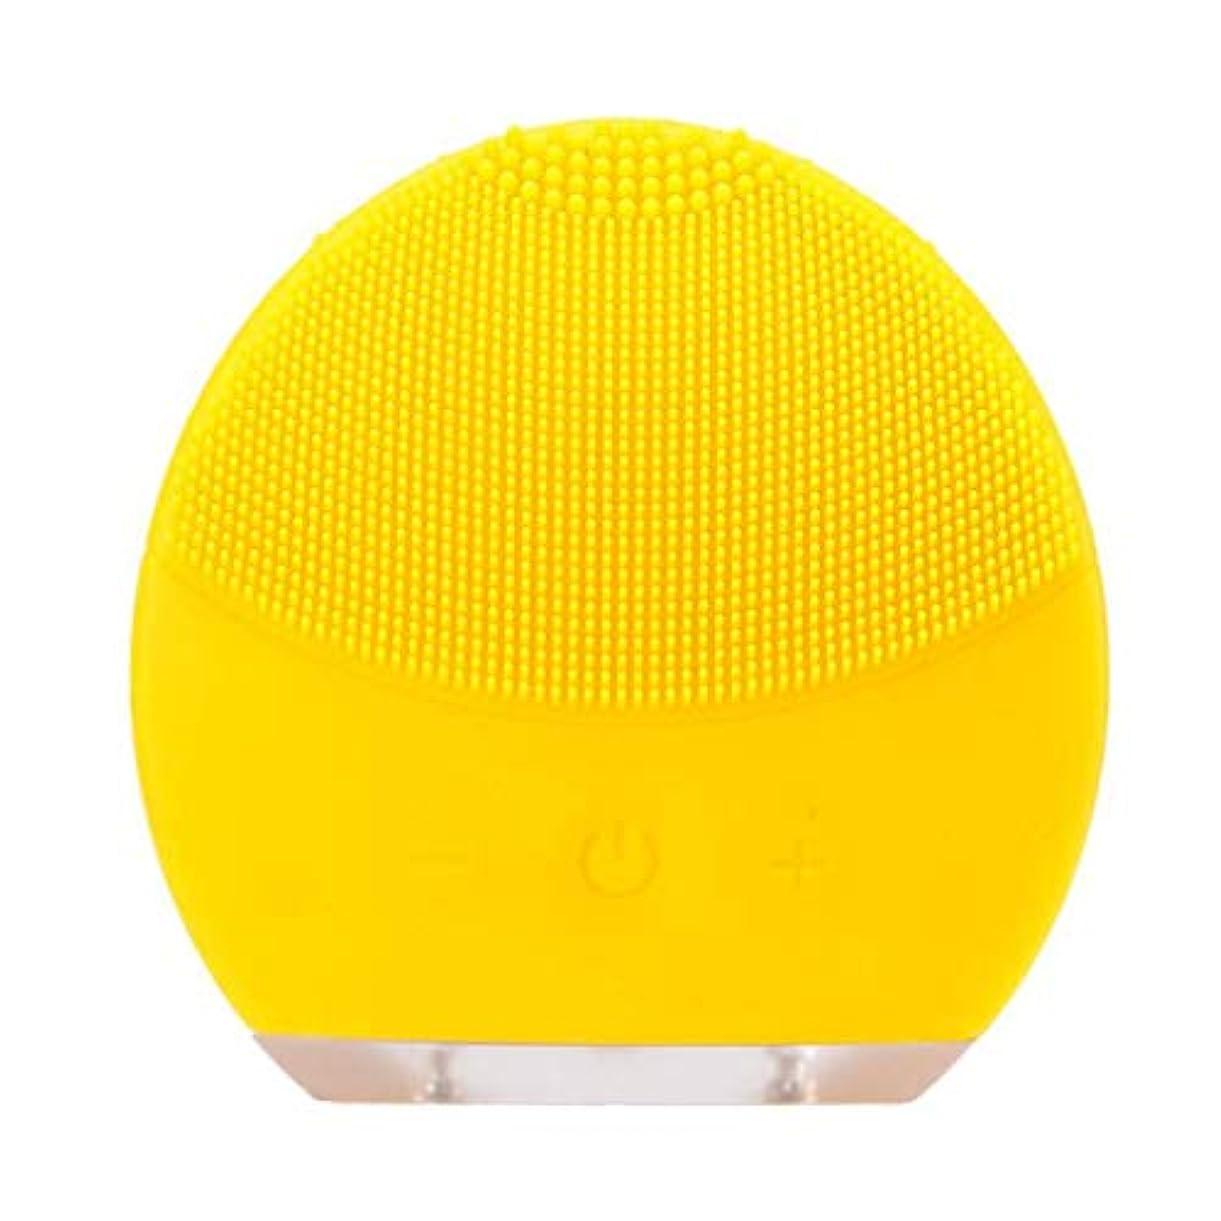 治療カートリッジ引き金超音波振動美容機器洗浄器、皮膚の毛穴を最小限に抑えるマイクロダーマブレーション毛穴、USB 充電と防水,Yellow